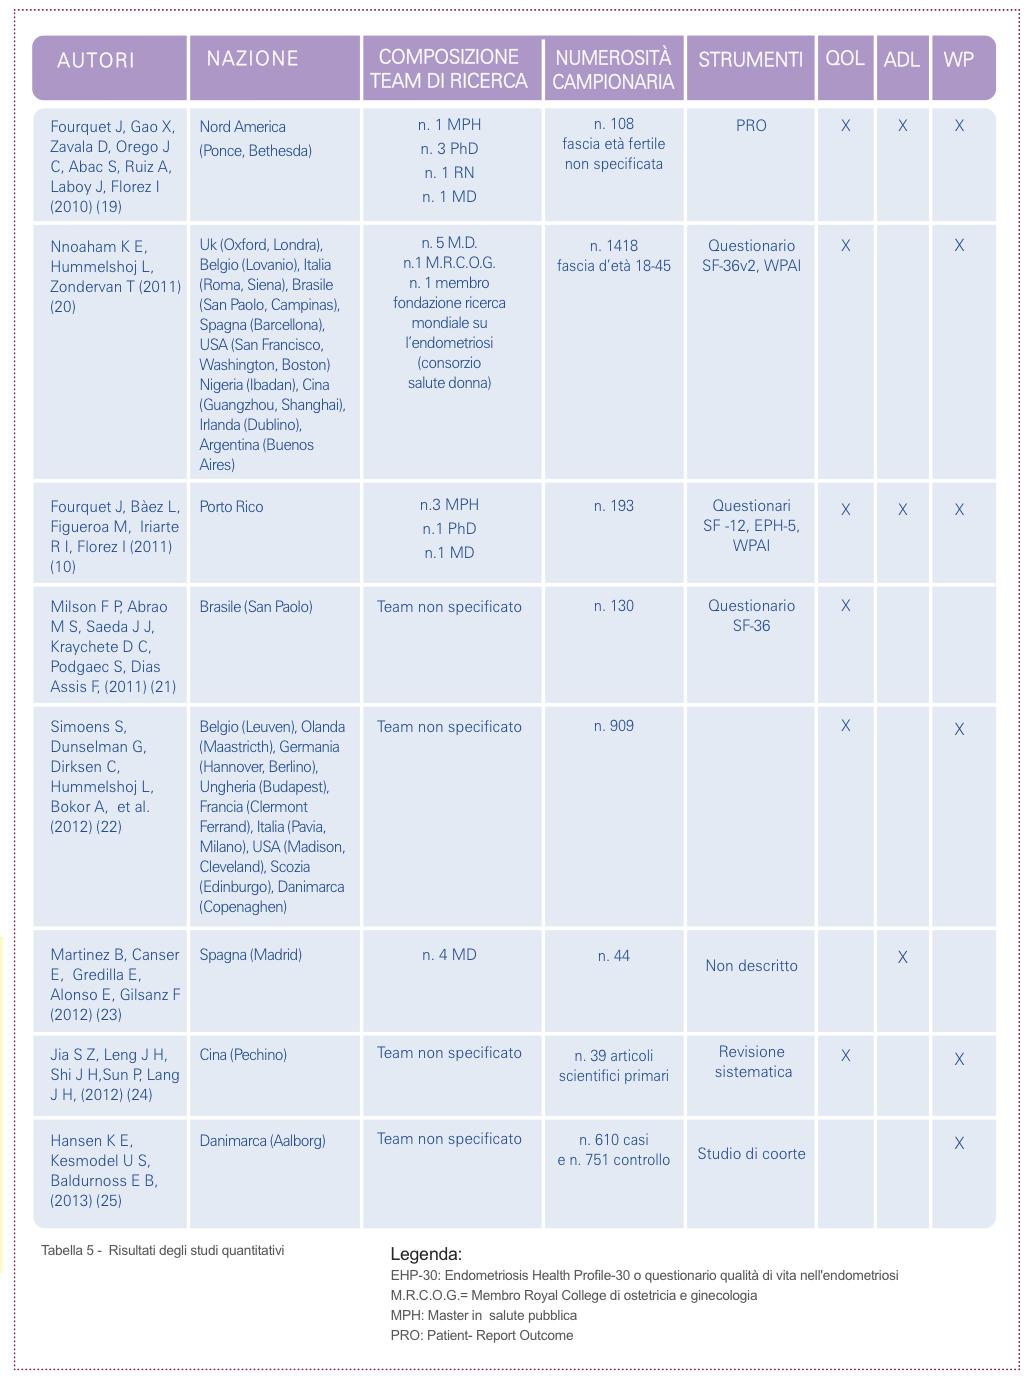 Tabella 5 - Risultati degli studi quantitativi